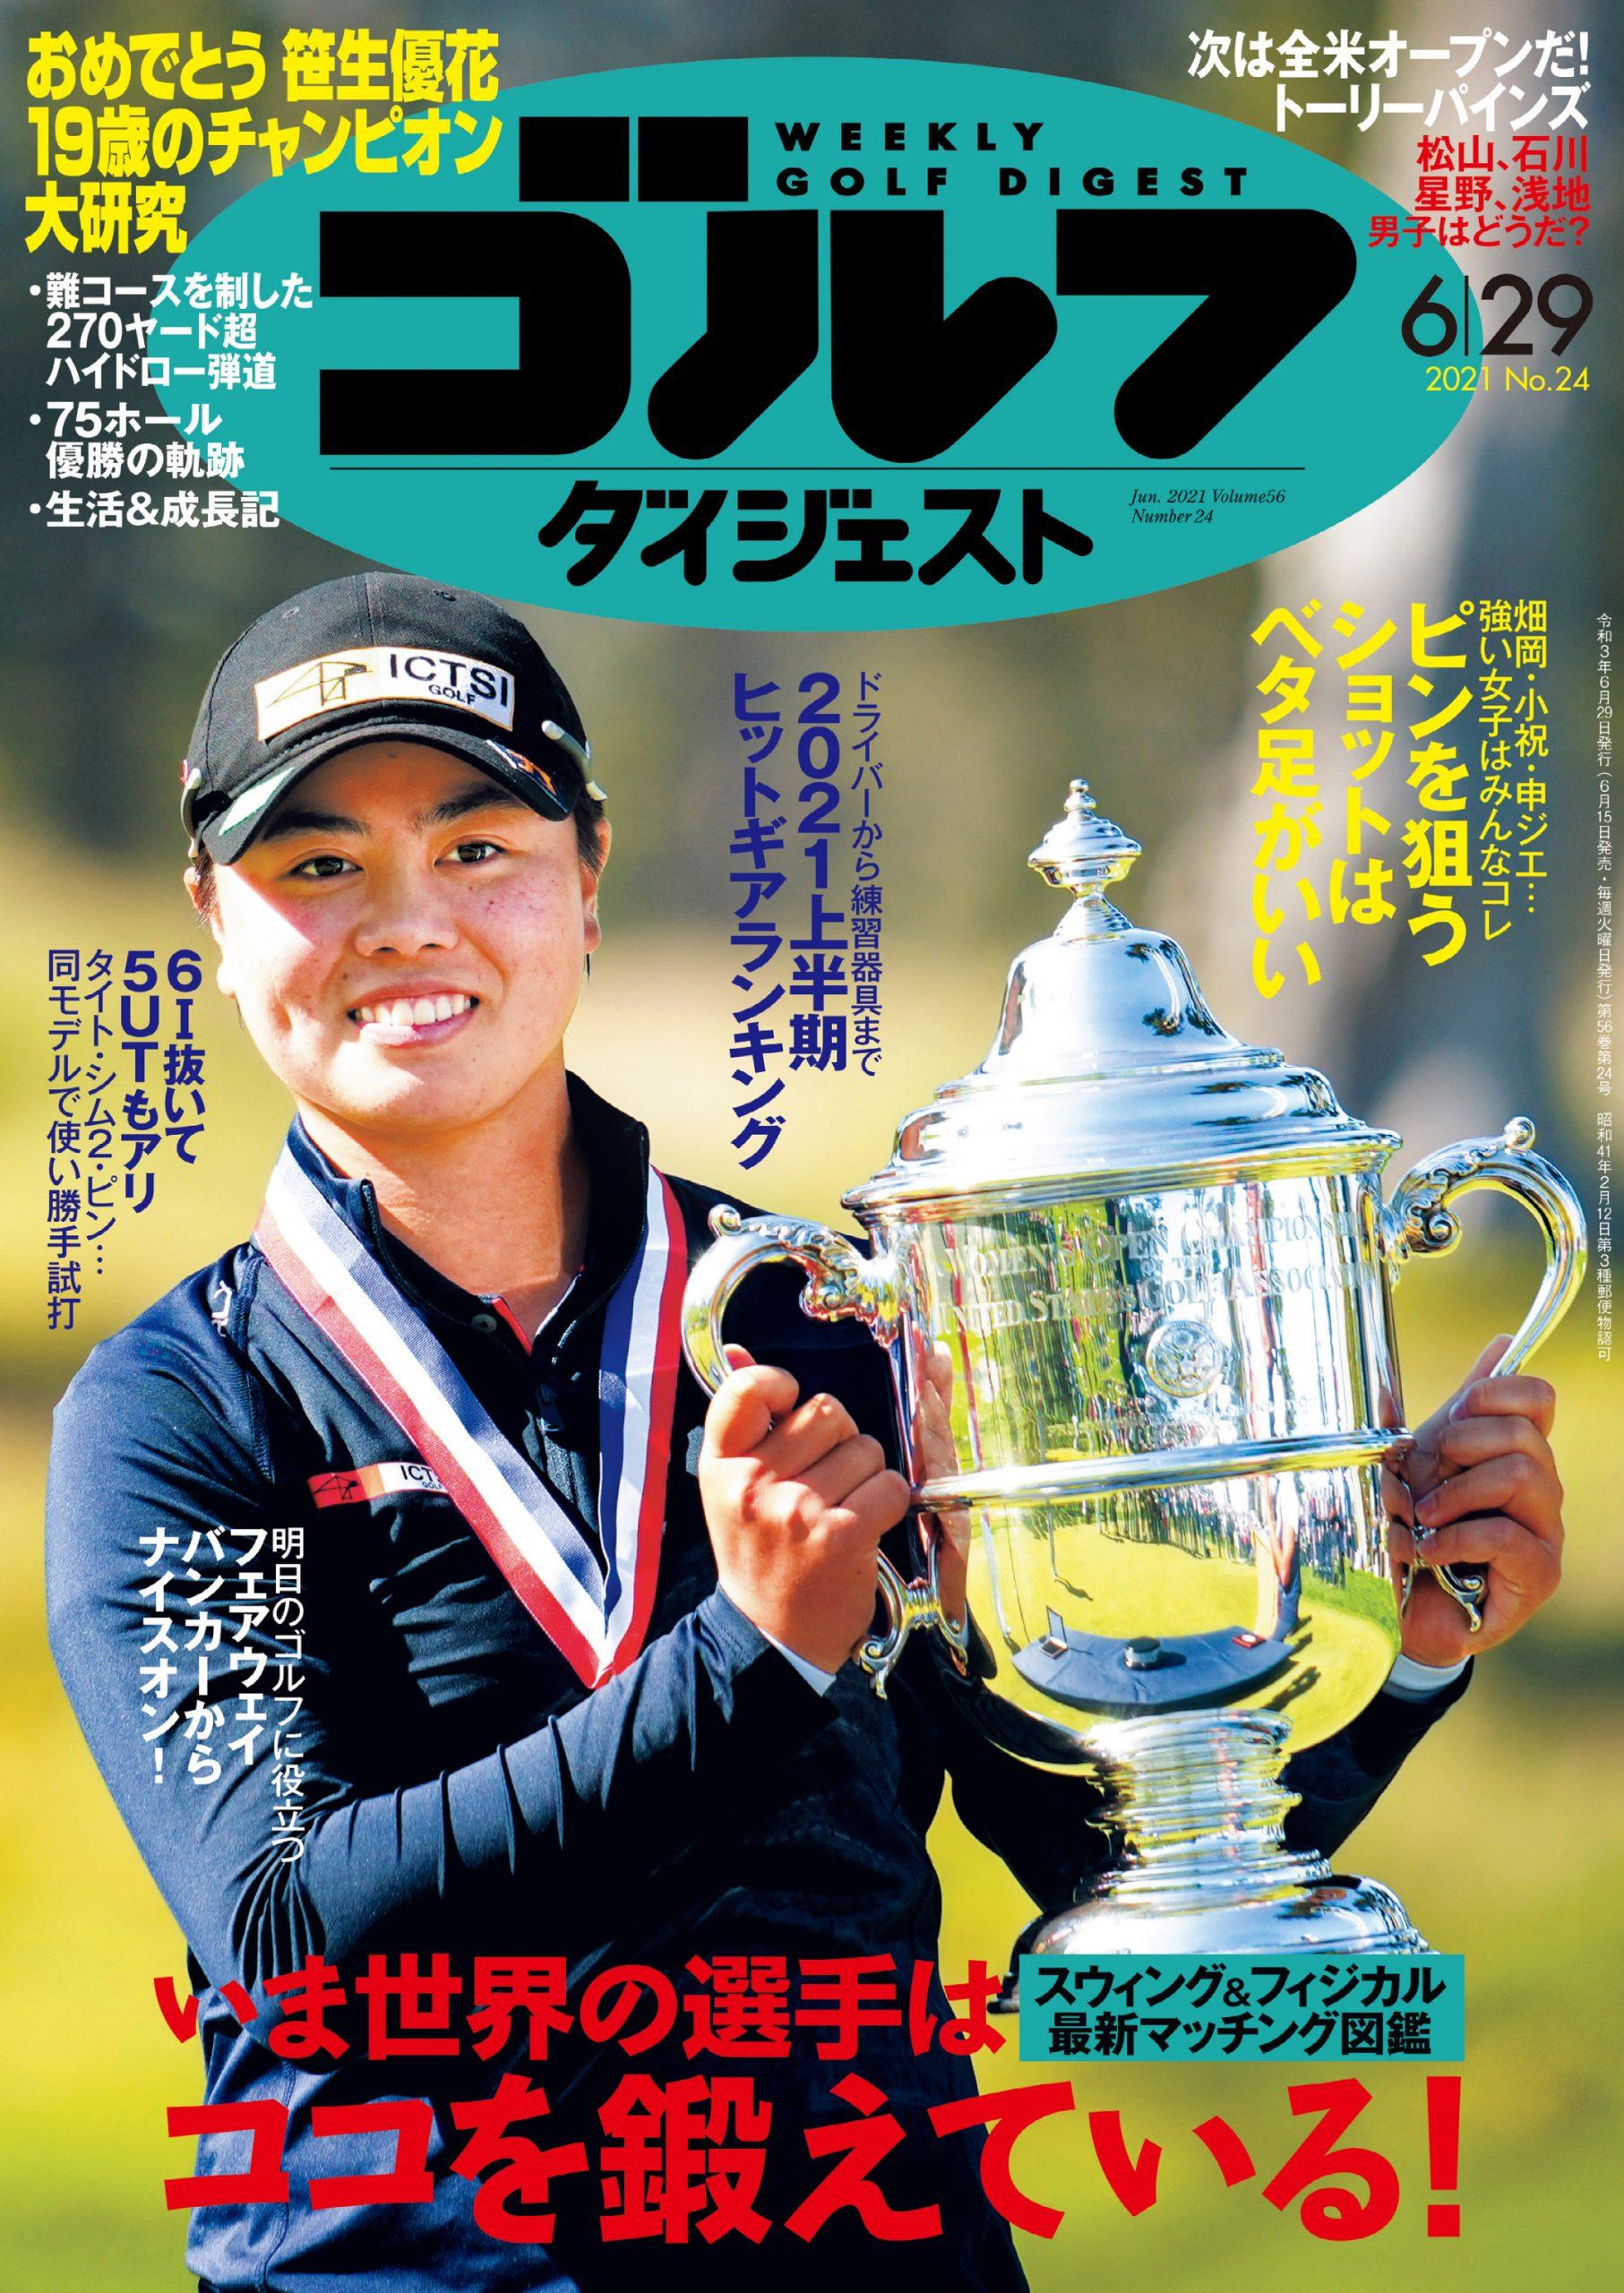 週刊ゴルフダイジェスト2021年6月29日号